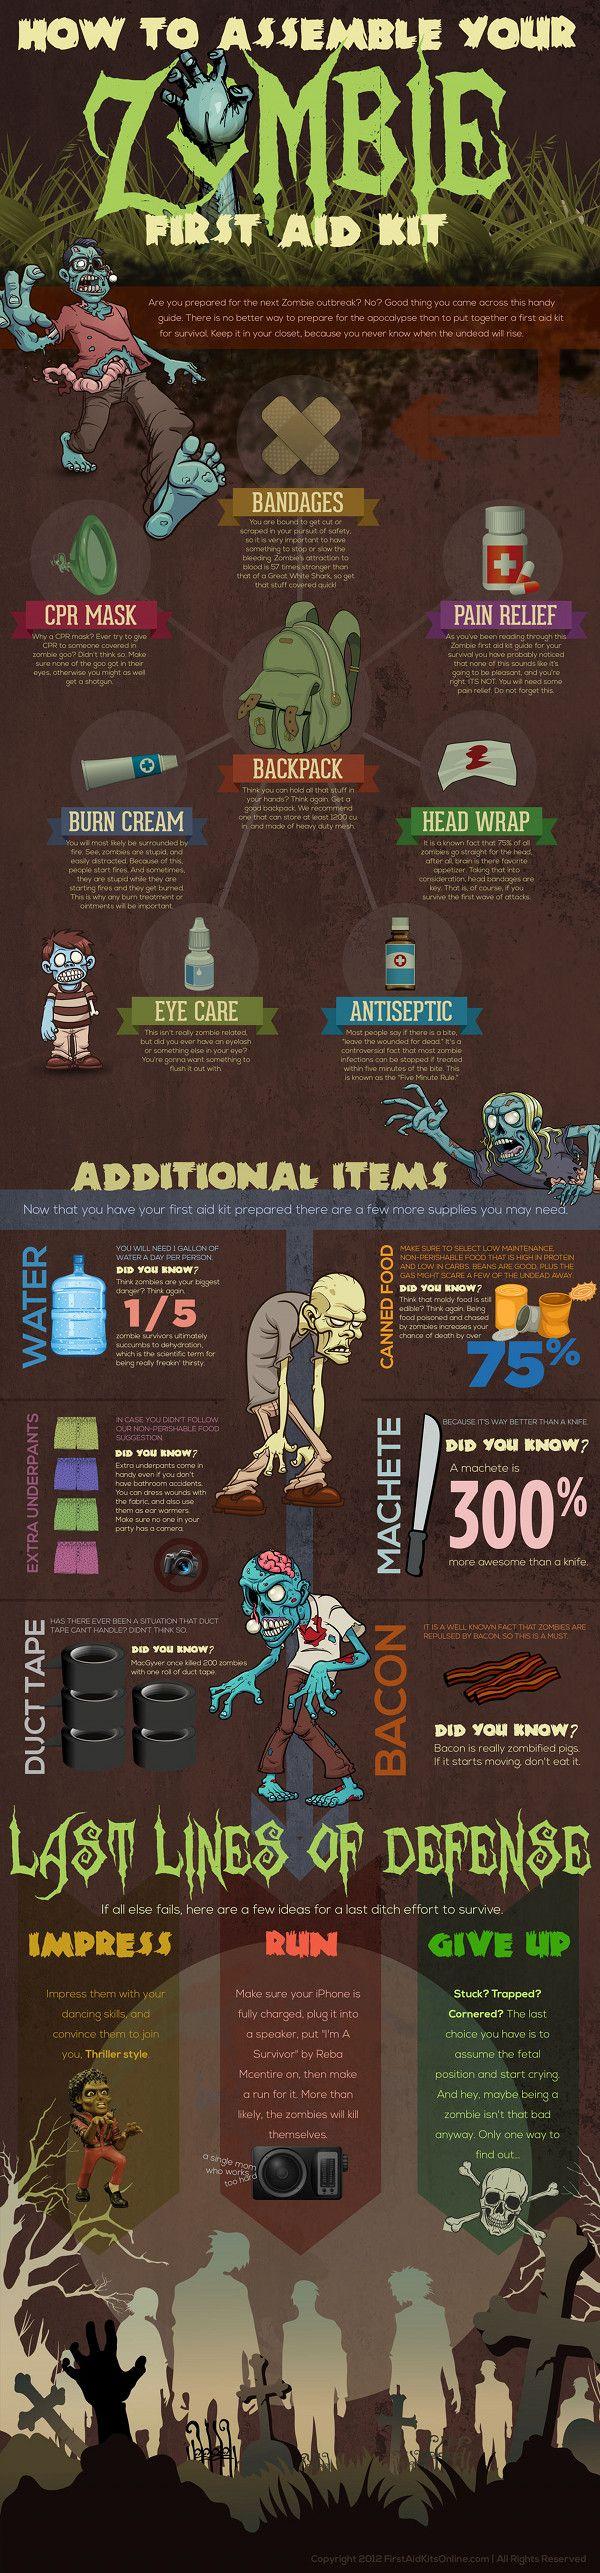 Kit de survie contre les zombies !                                                                                                                                                                                 Plus